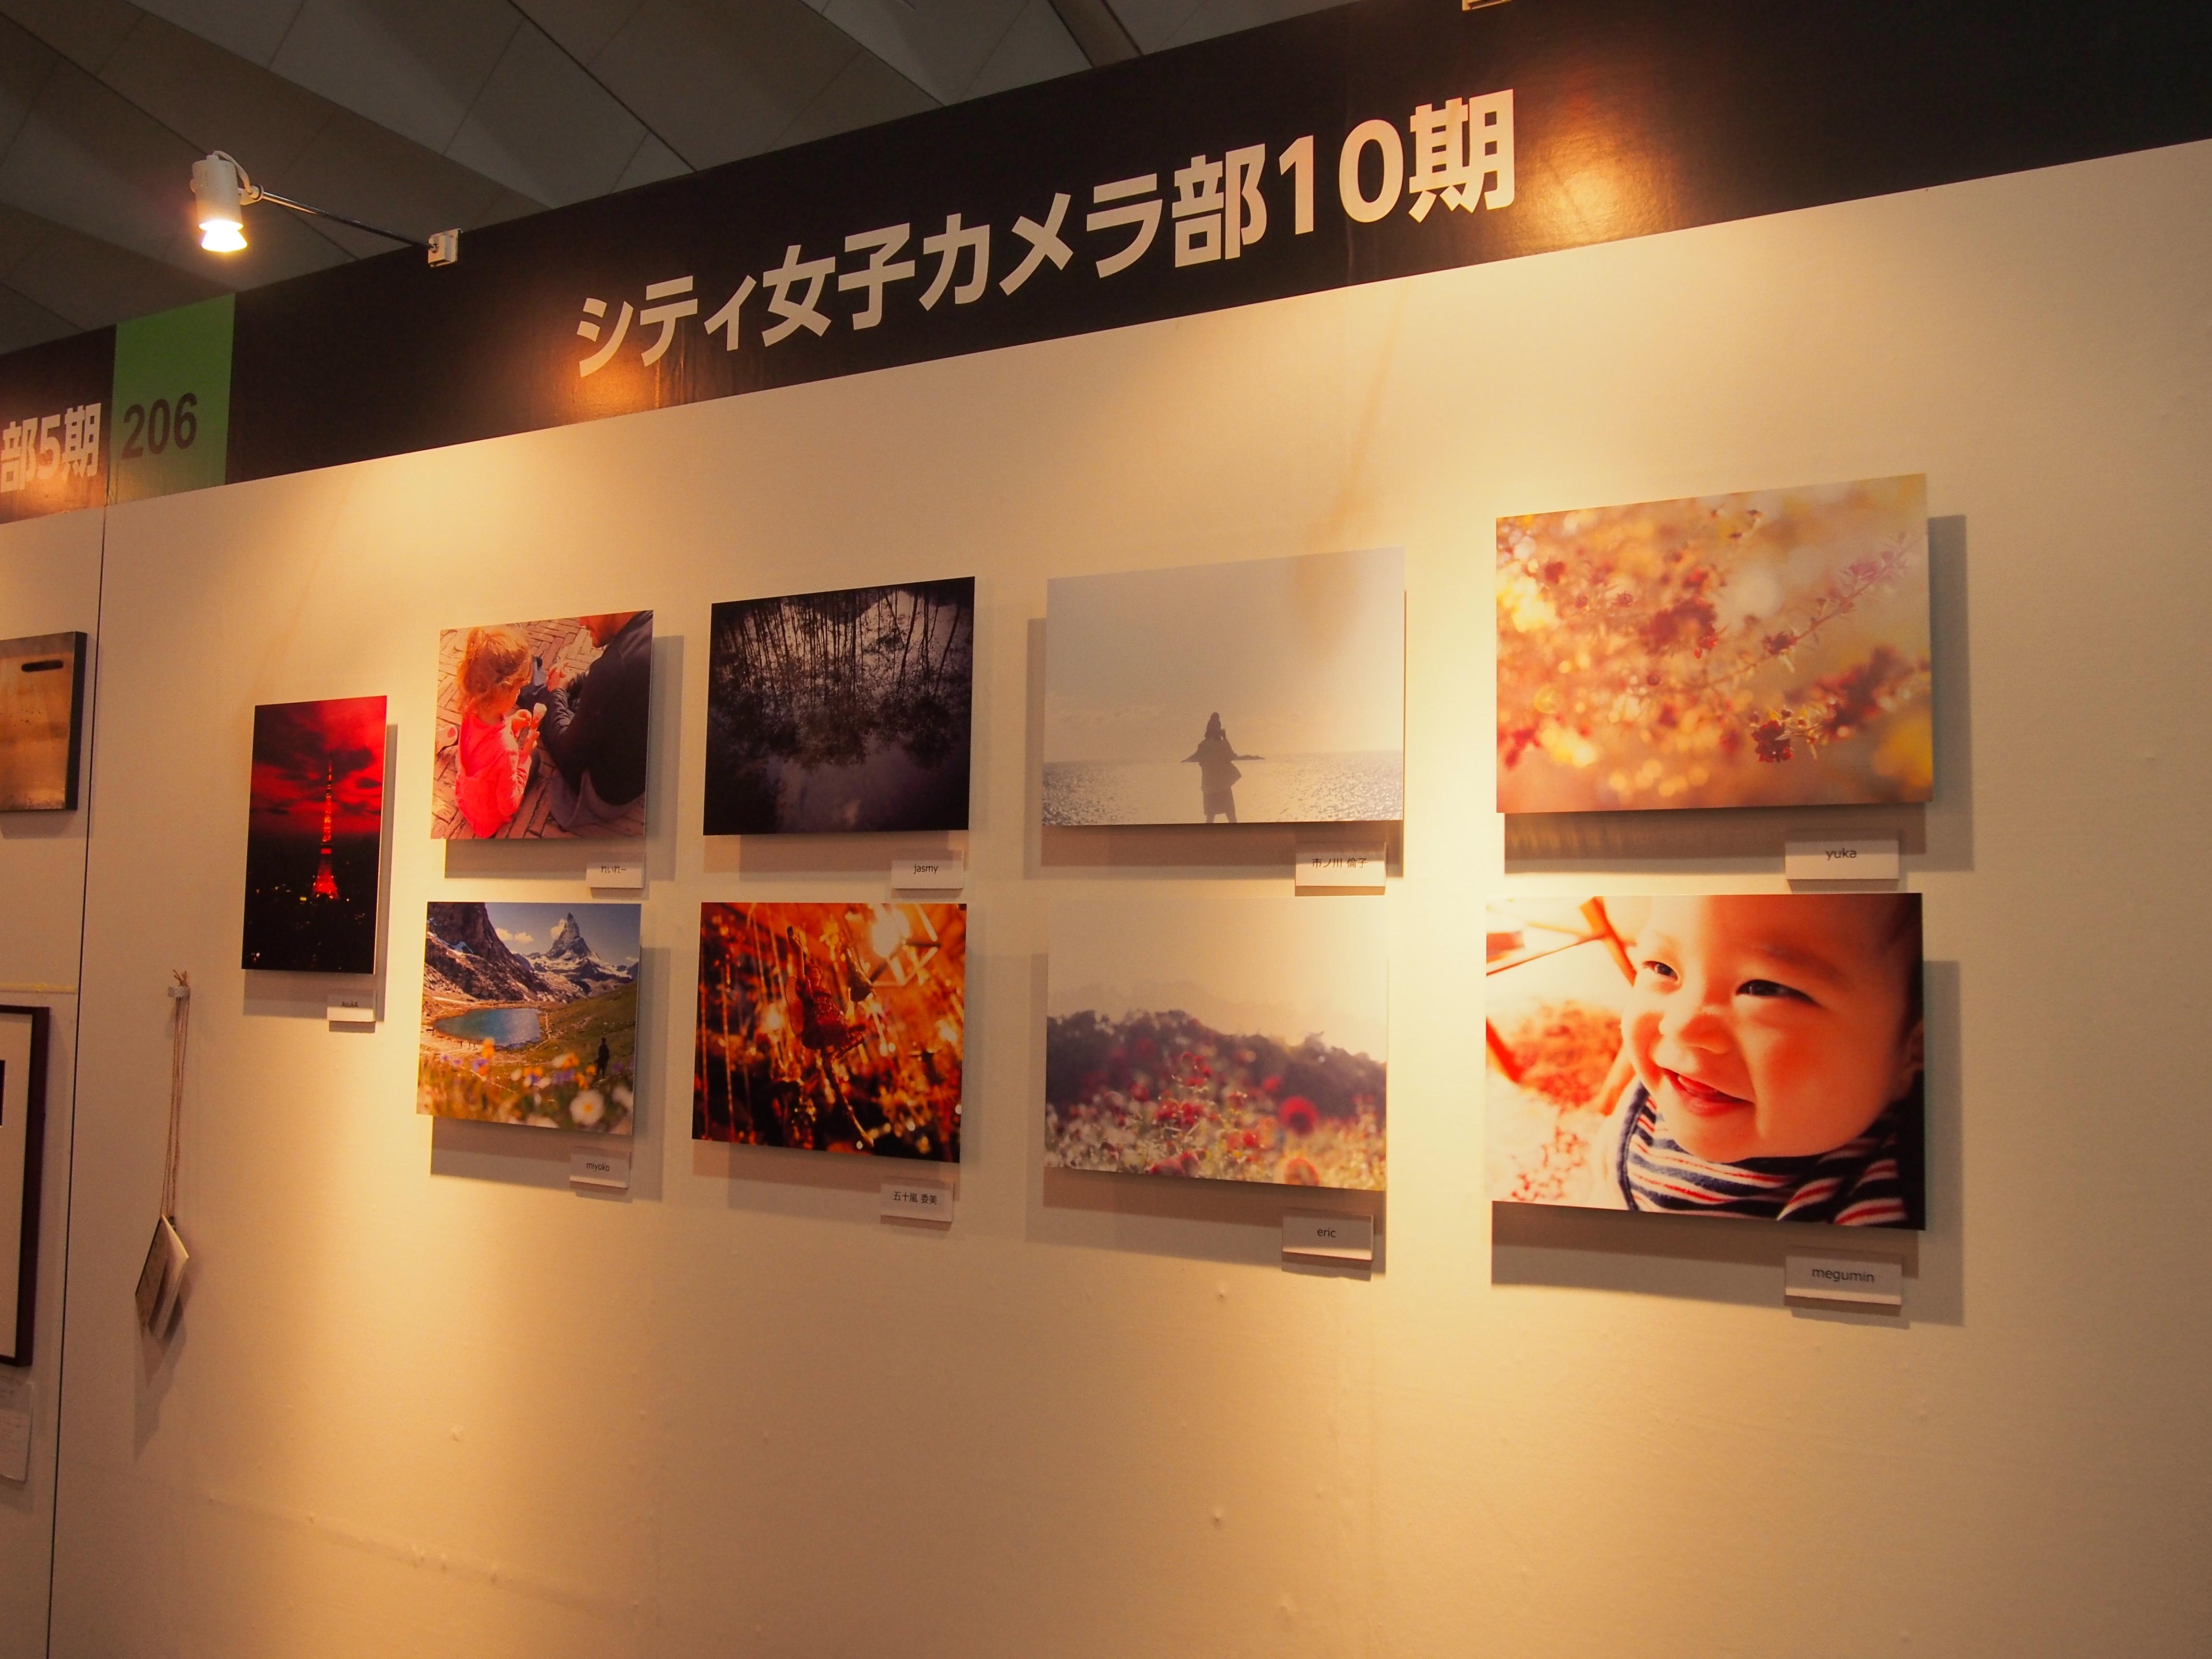 【カメラ】初めて参加したCP+『御苗場』展示は充実感でいっぱいに